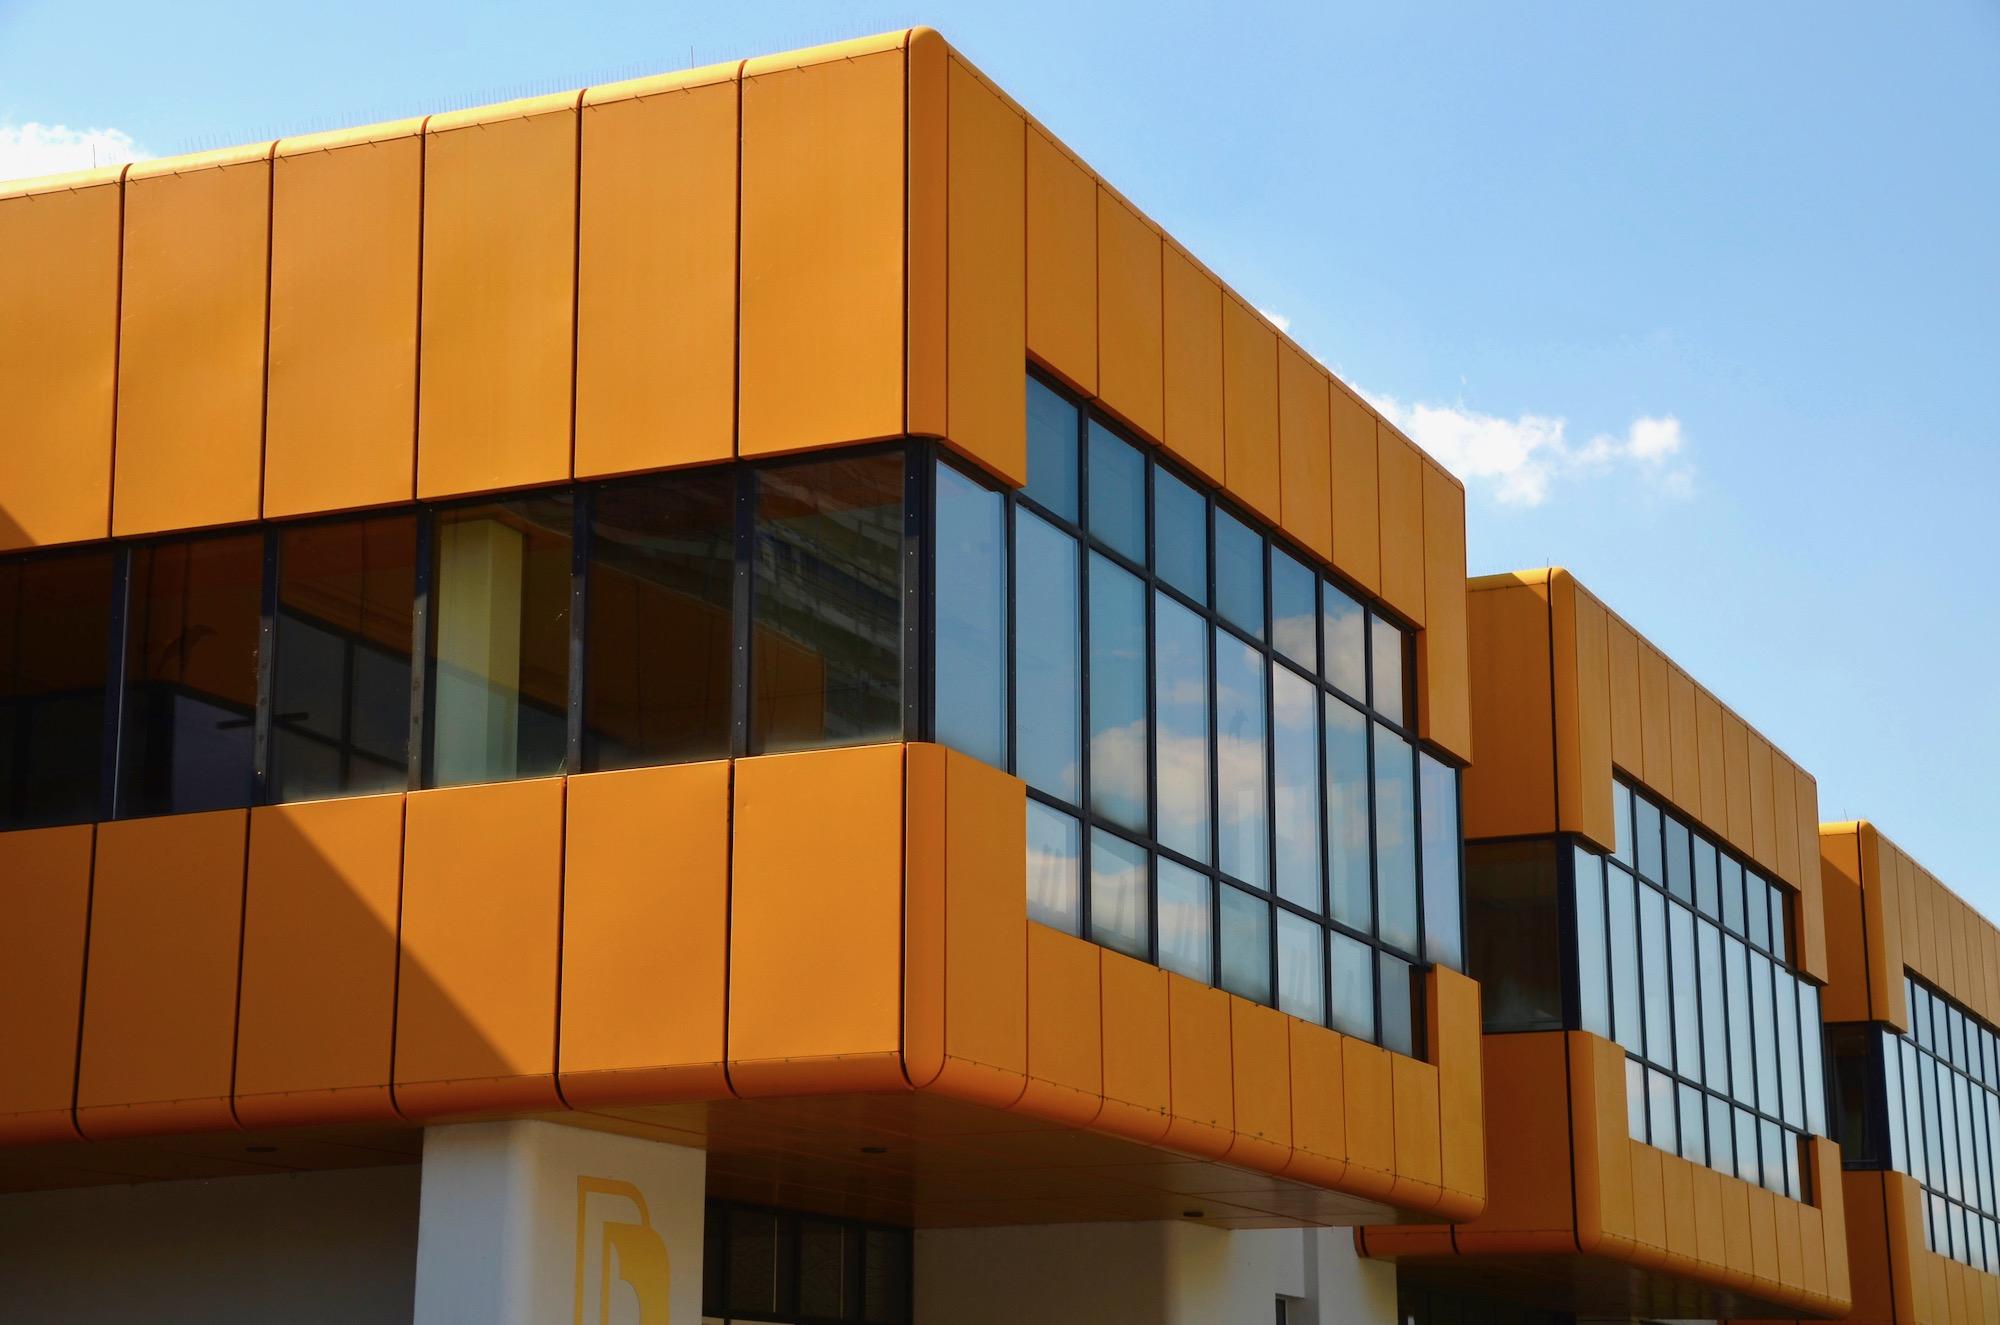 Orangefarbenes Gebäude im Stil der 70er